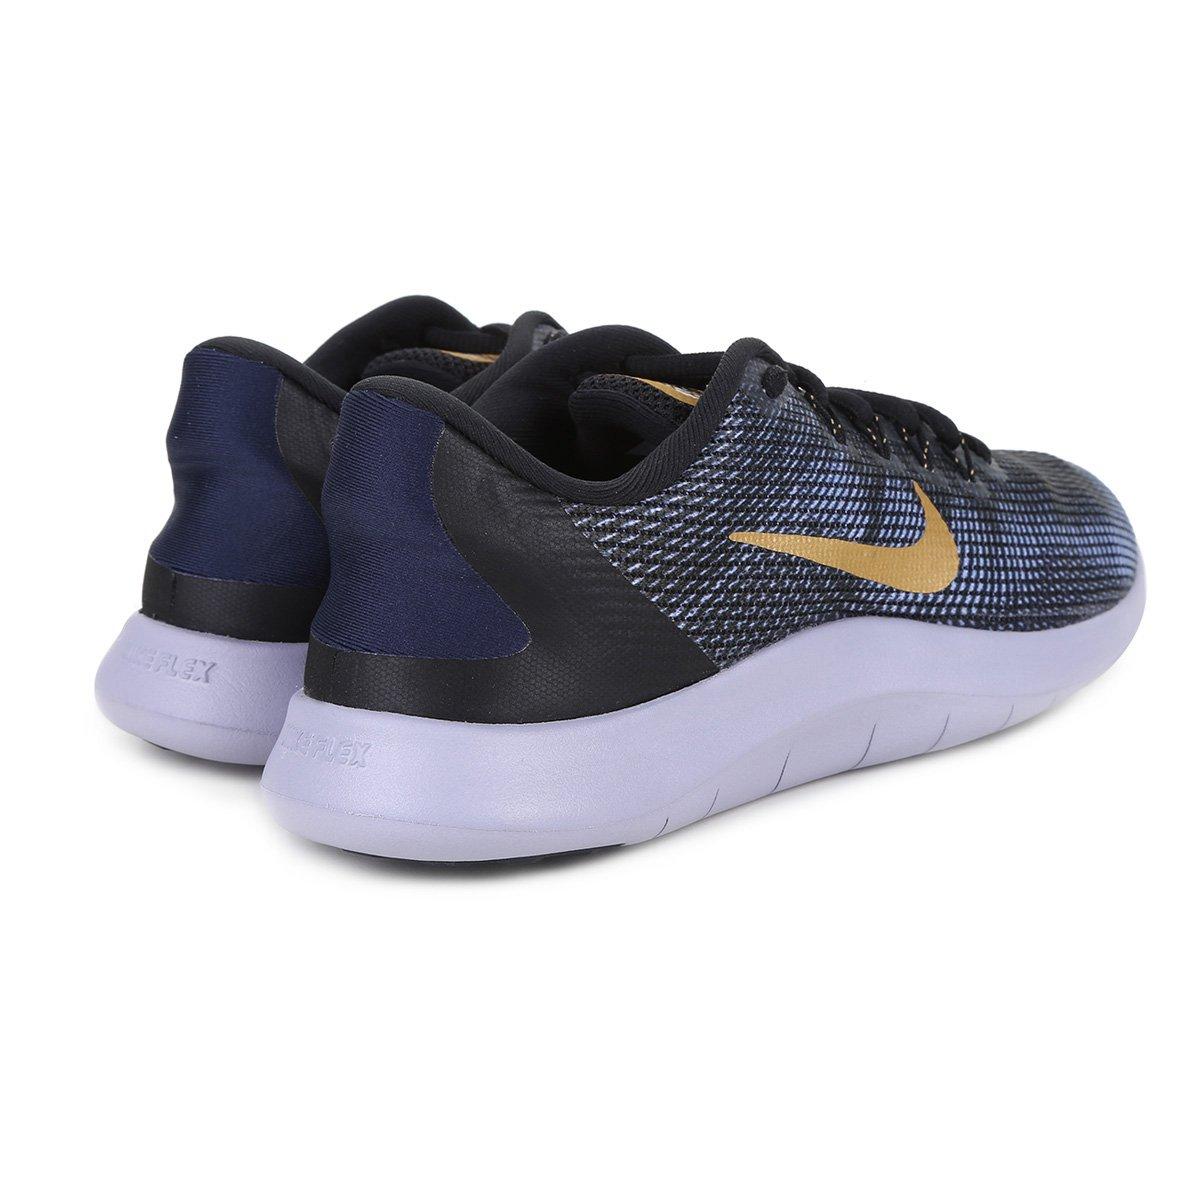 Tênis Nike Wmns Flex 2018 Rn Feminino - 2